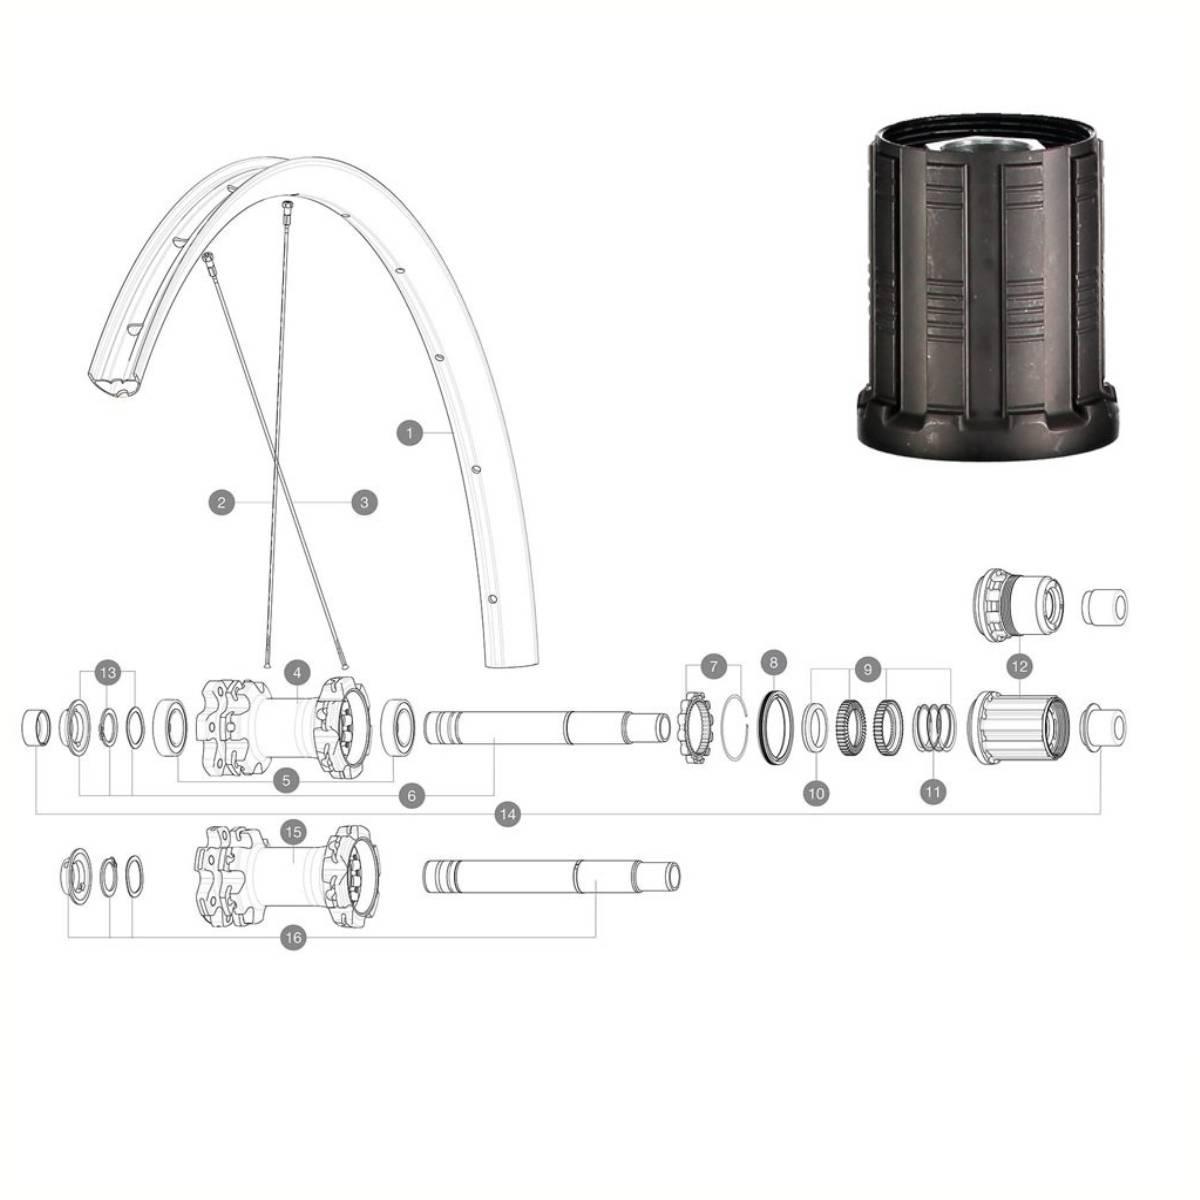 MAVIC 2 ratchets 40T + MTBSpring + Grease - ID360 MTB